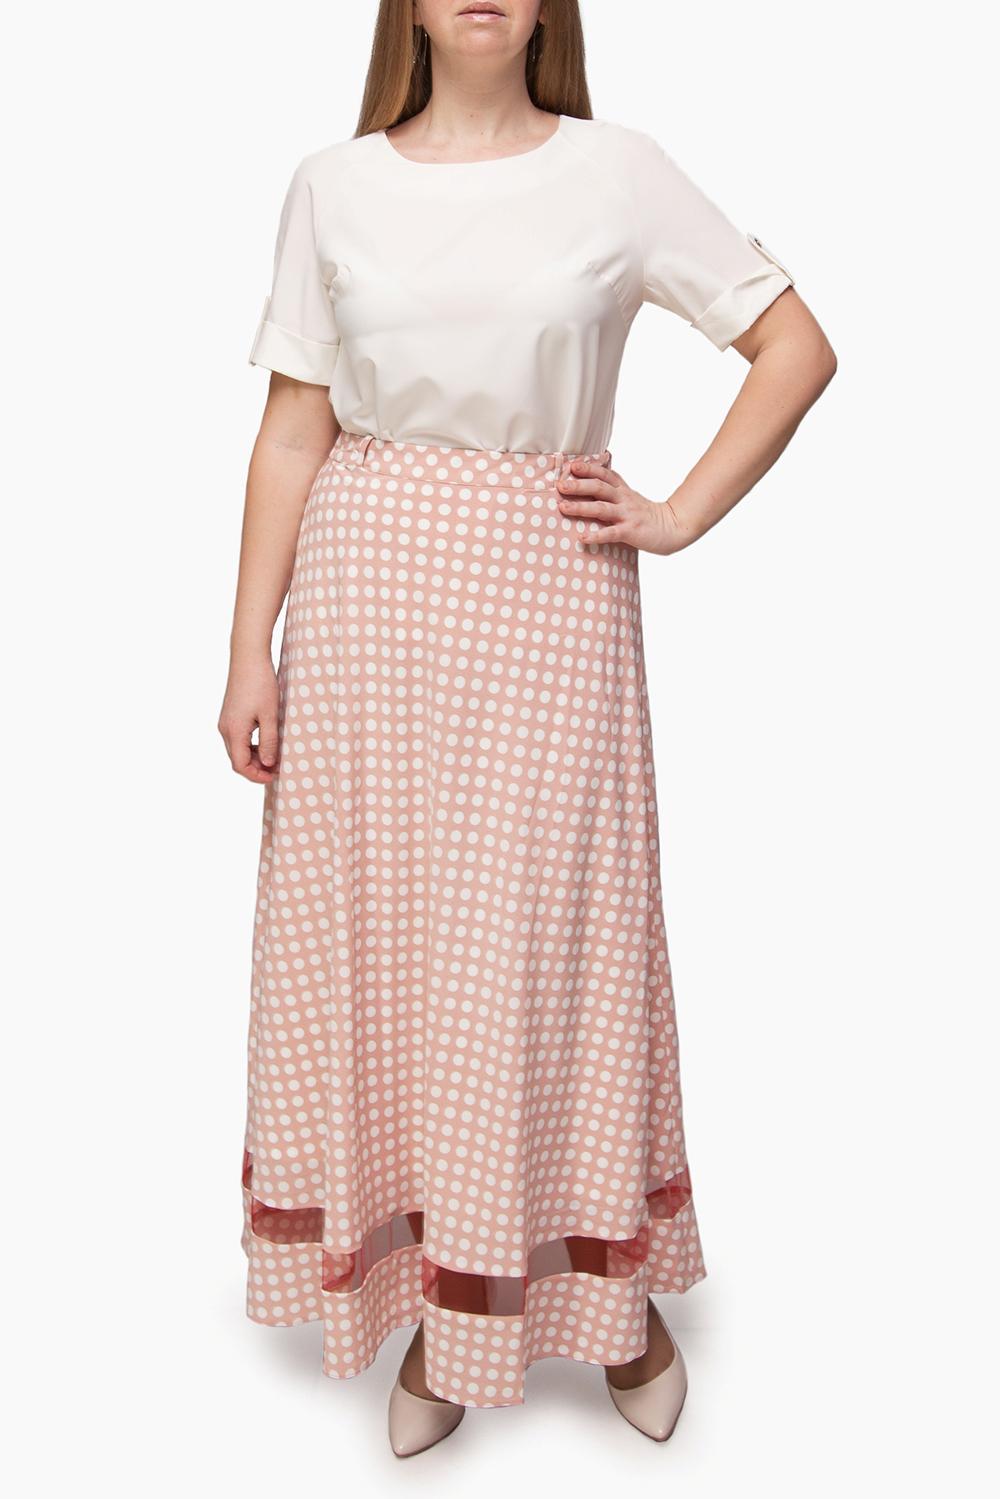 ЮбкаЮбки<br>Цветная юбка quot;максиquot; с завышенной талией. Модель выполнена из приятного материала. Отличный выбор для повседневного гардероба.  Изделие маломерит на 1 размер.  В изделии использованы цвета: розовый, белый  Ростовка изделия 170 см.<br><br>По длине: Макси<br>По материалу: Тканевые<br>По рисунку: В горошек,С принтом,Цветные<br>По силуэту: Полуприталенные<br>По стилю: Нарядный стиль,Повседневный стиль<br>По форме: Юбка-трапеция<br>По элементам: С декором,С завышенной талией<br>По сезону: Лето<br>Размер : 42,44,46,48,50,52<br>Материал: Плательная ткань<br>Количество в наличии: 12